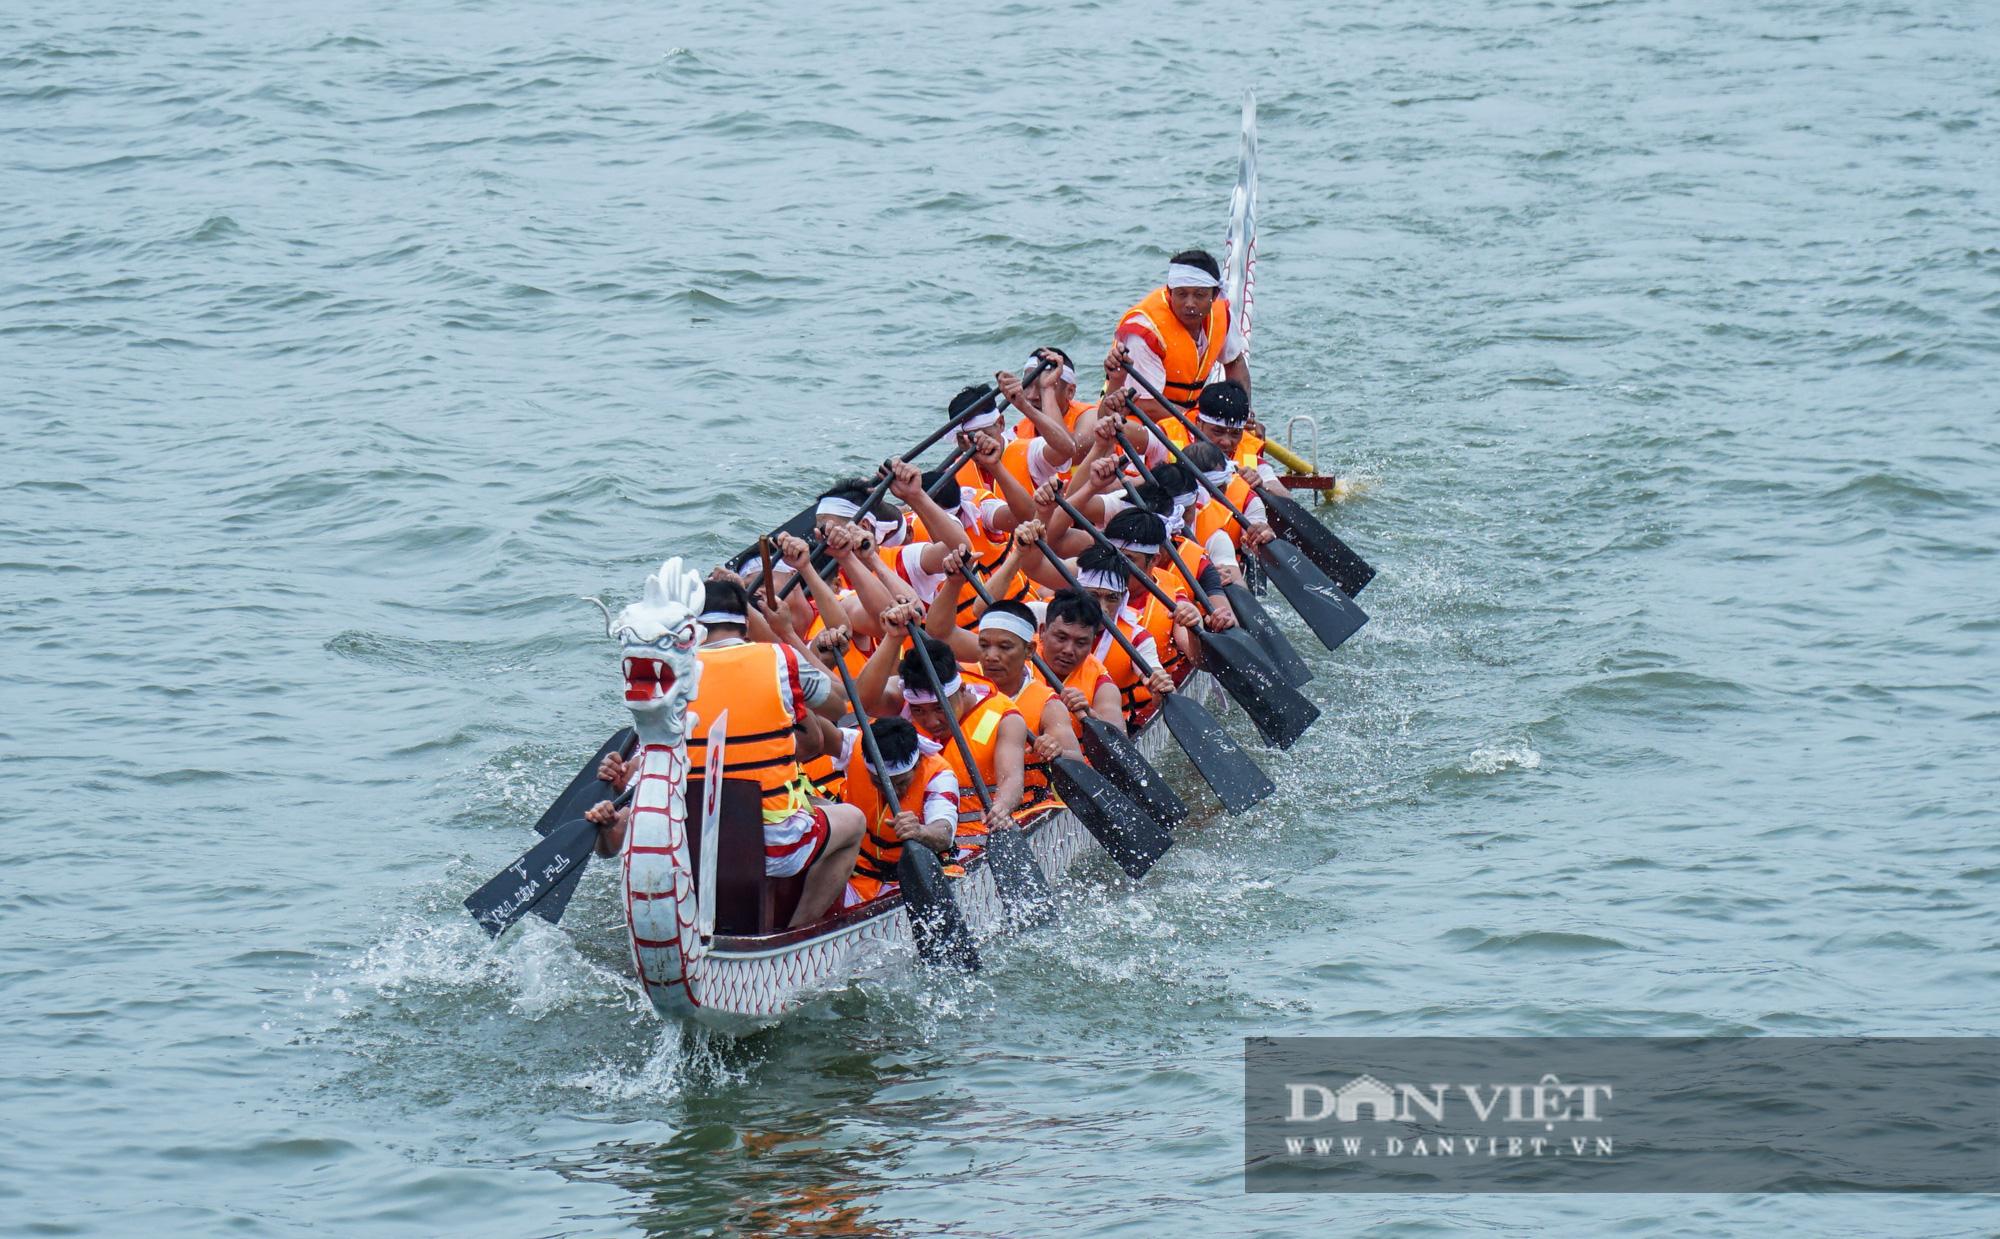 Phú Thọ: Kịch tính giải đua bơi chải chào mừng ngày giỗ Tổ Hùng Vương - Ảnh 9.